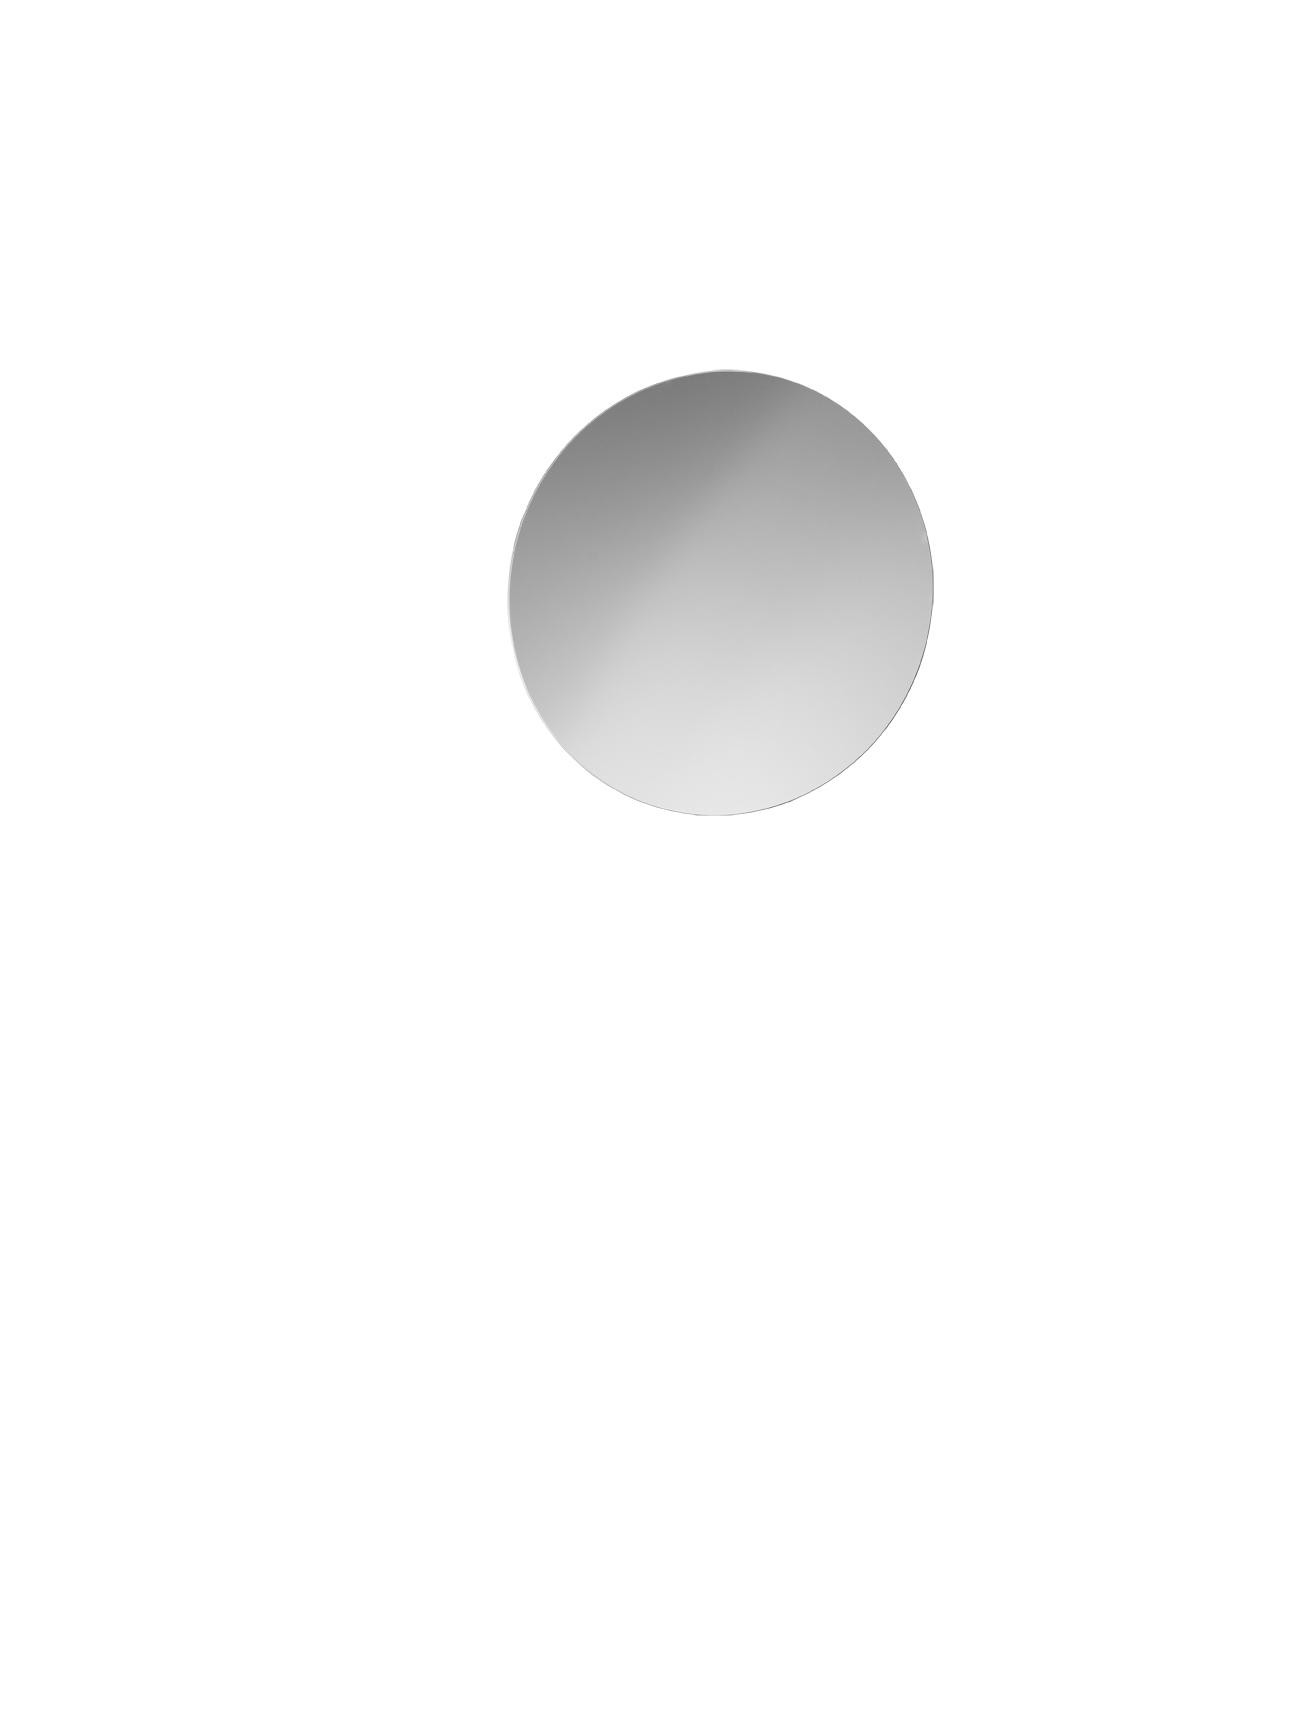 Jokey Spiegel / Kristallglasspiegel rund Ø 50cm Bild 1